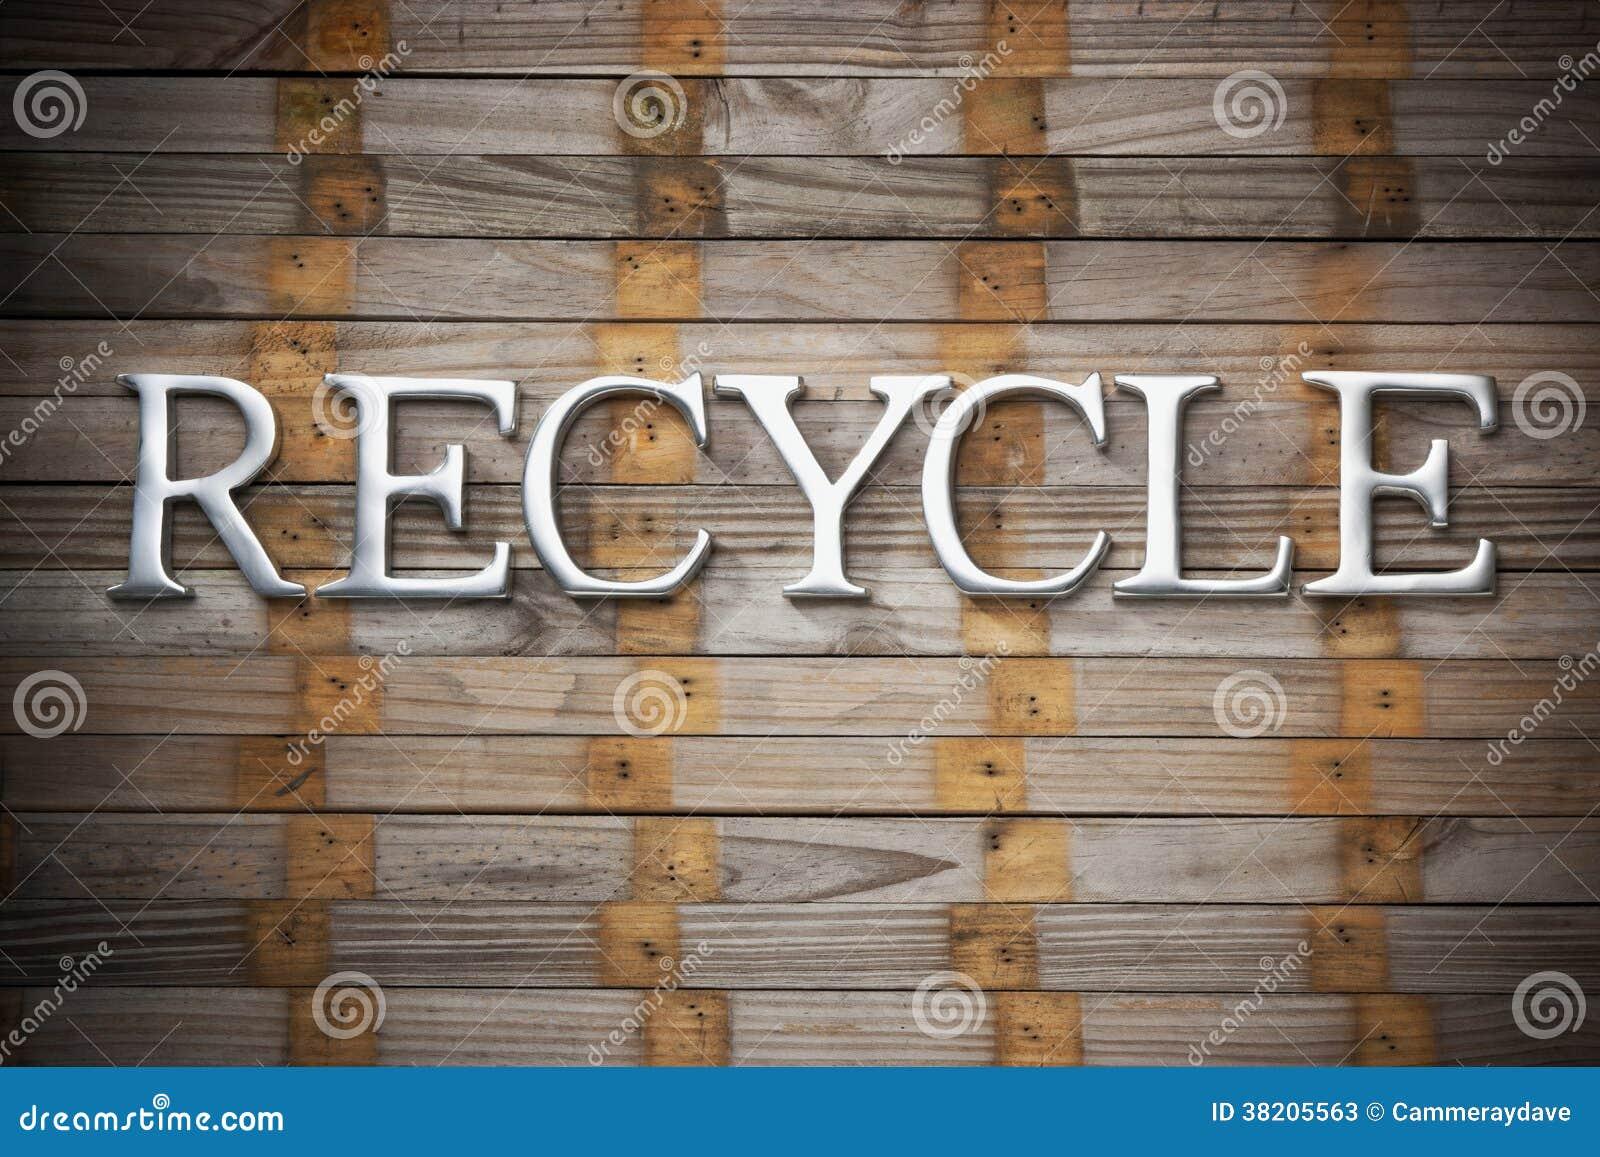 Recicle el reciclaje del fondo de madera fotos de archivo for Imagenes de reciclaje de madera